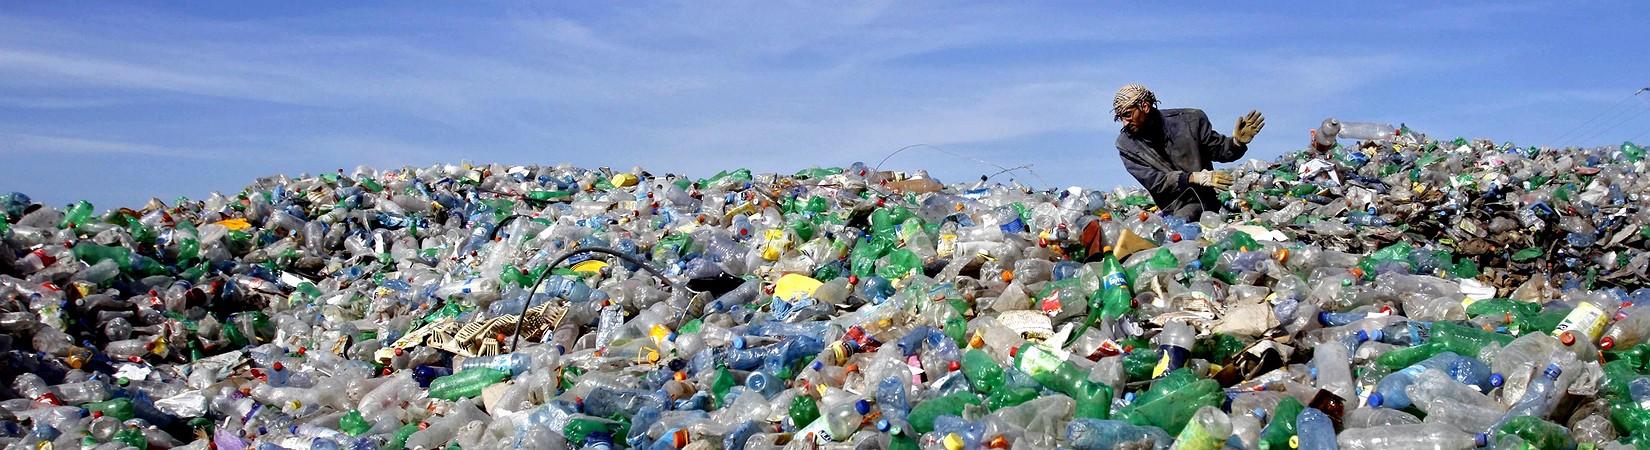 El ser humano ha generado una montaña de plástico del tamaño del Everest